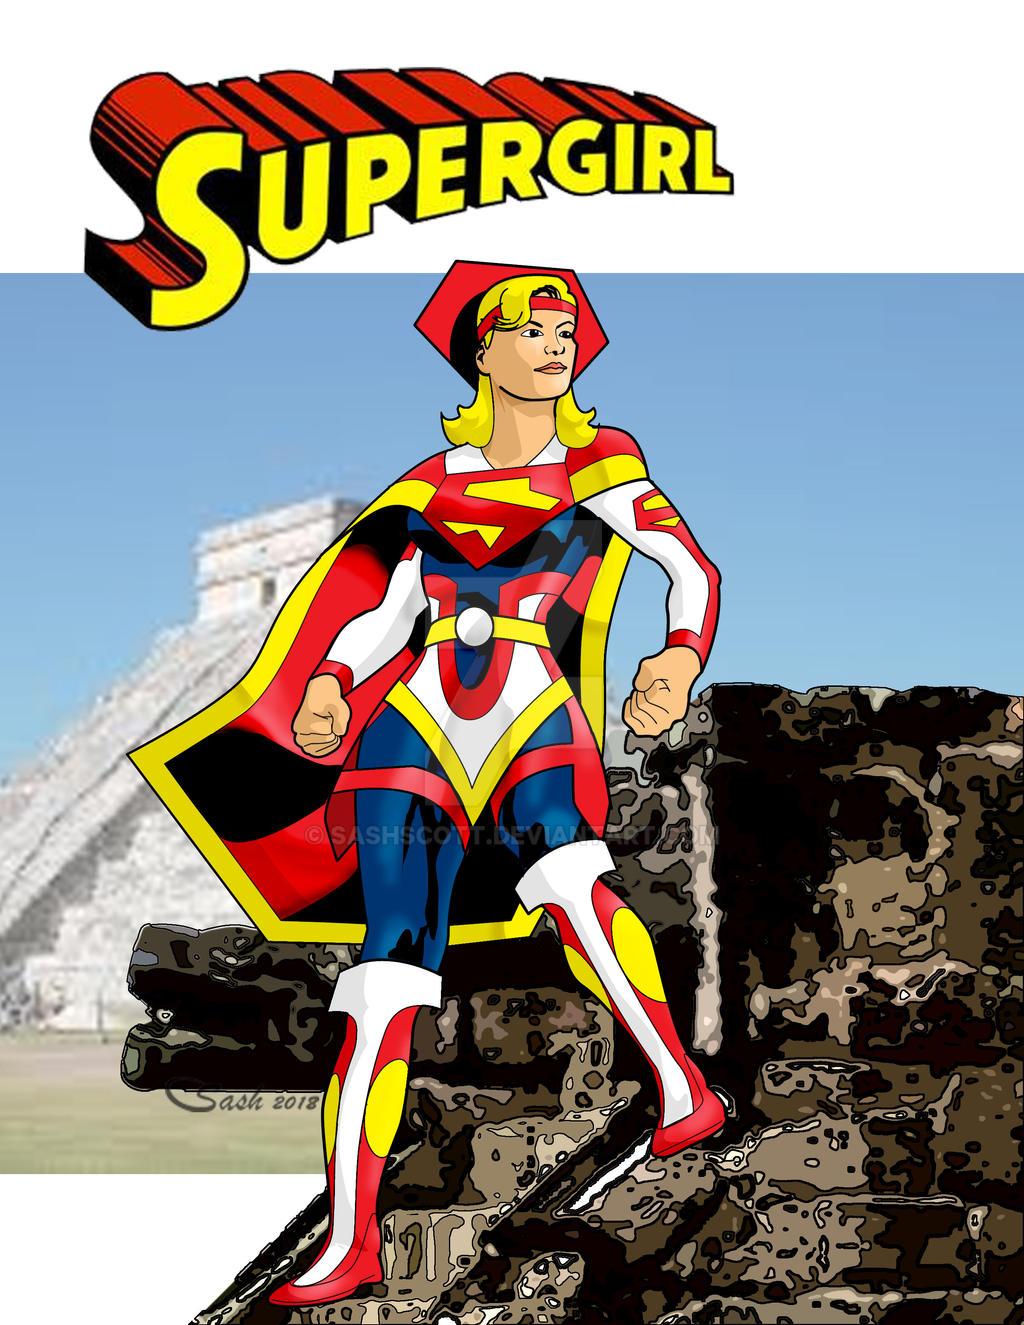 Supergirl27 by SashScott